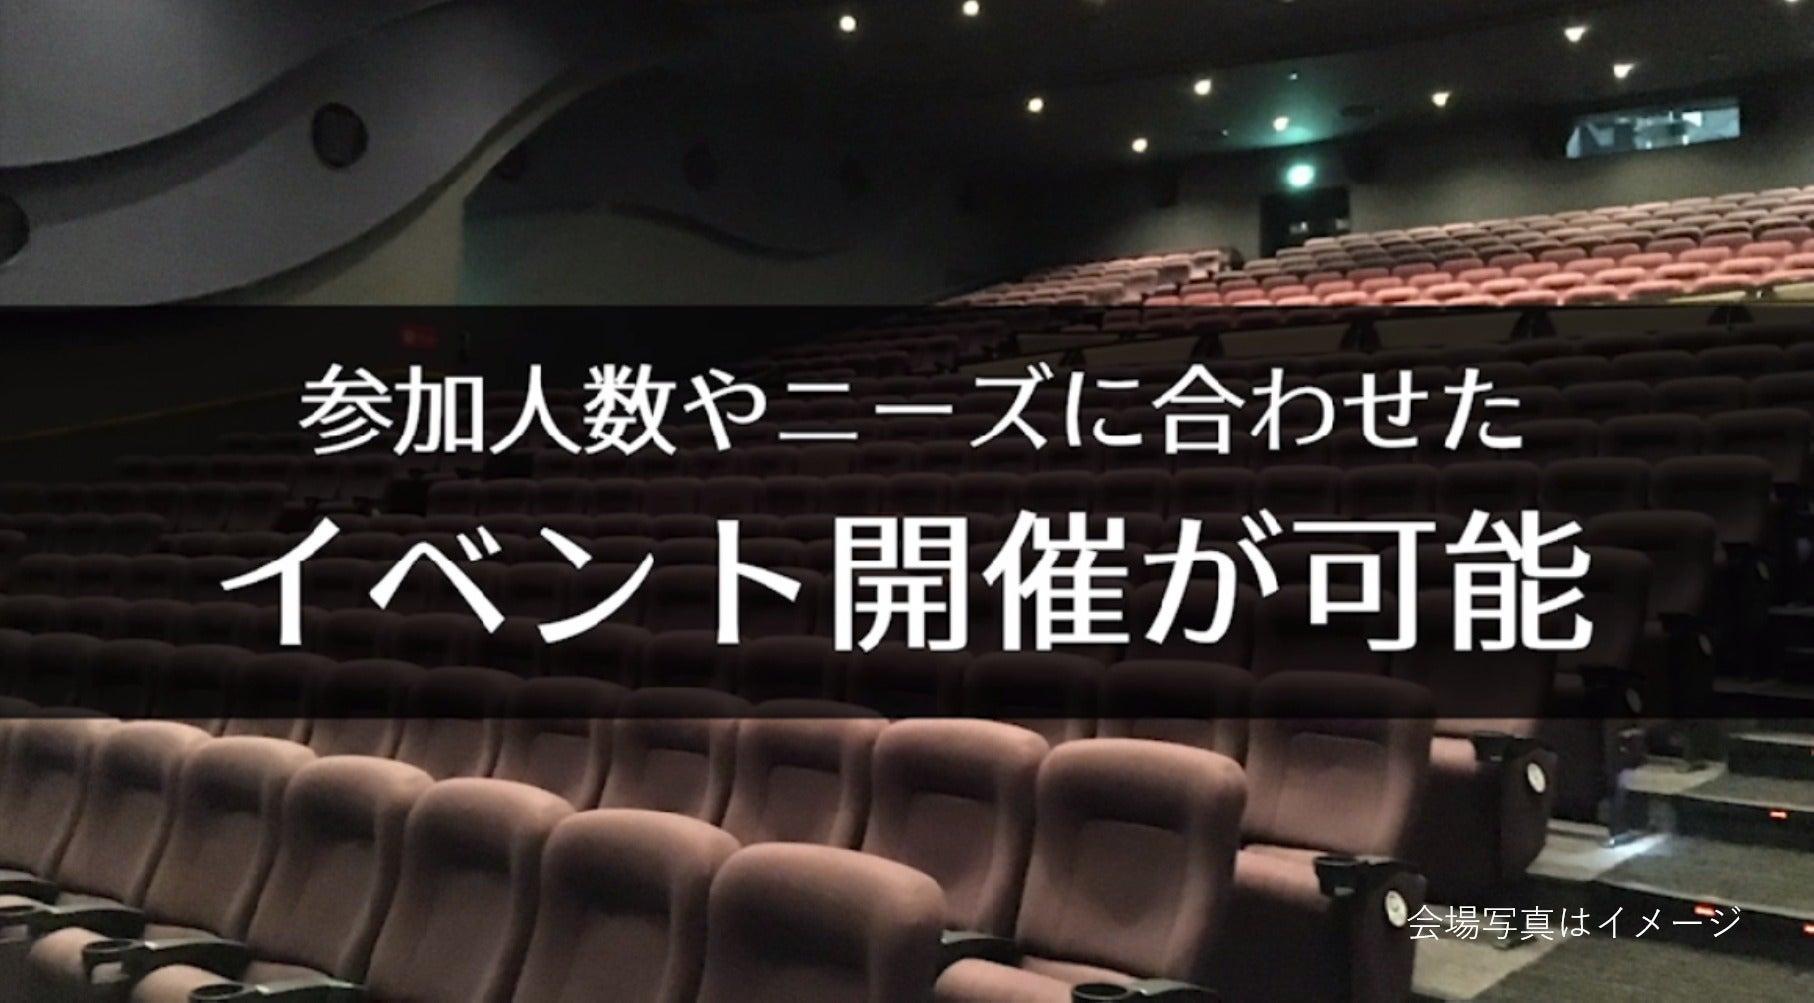 【前橋 117席】映画館で、会社説明会、株主総会、講演会の企画はいかがですか? の写真